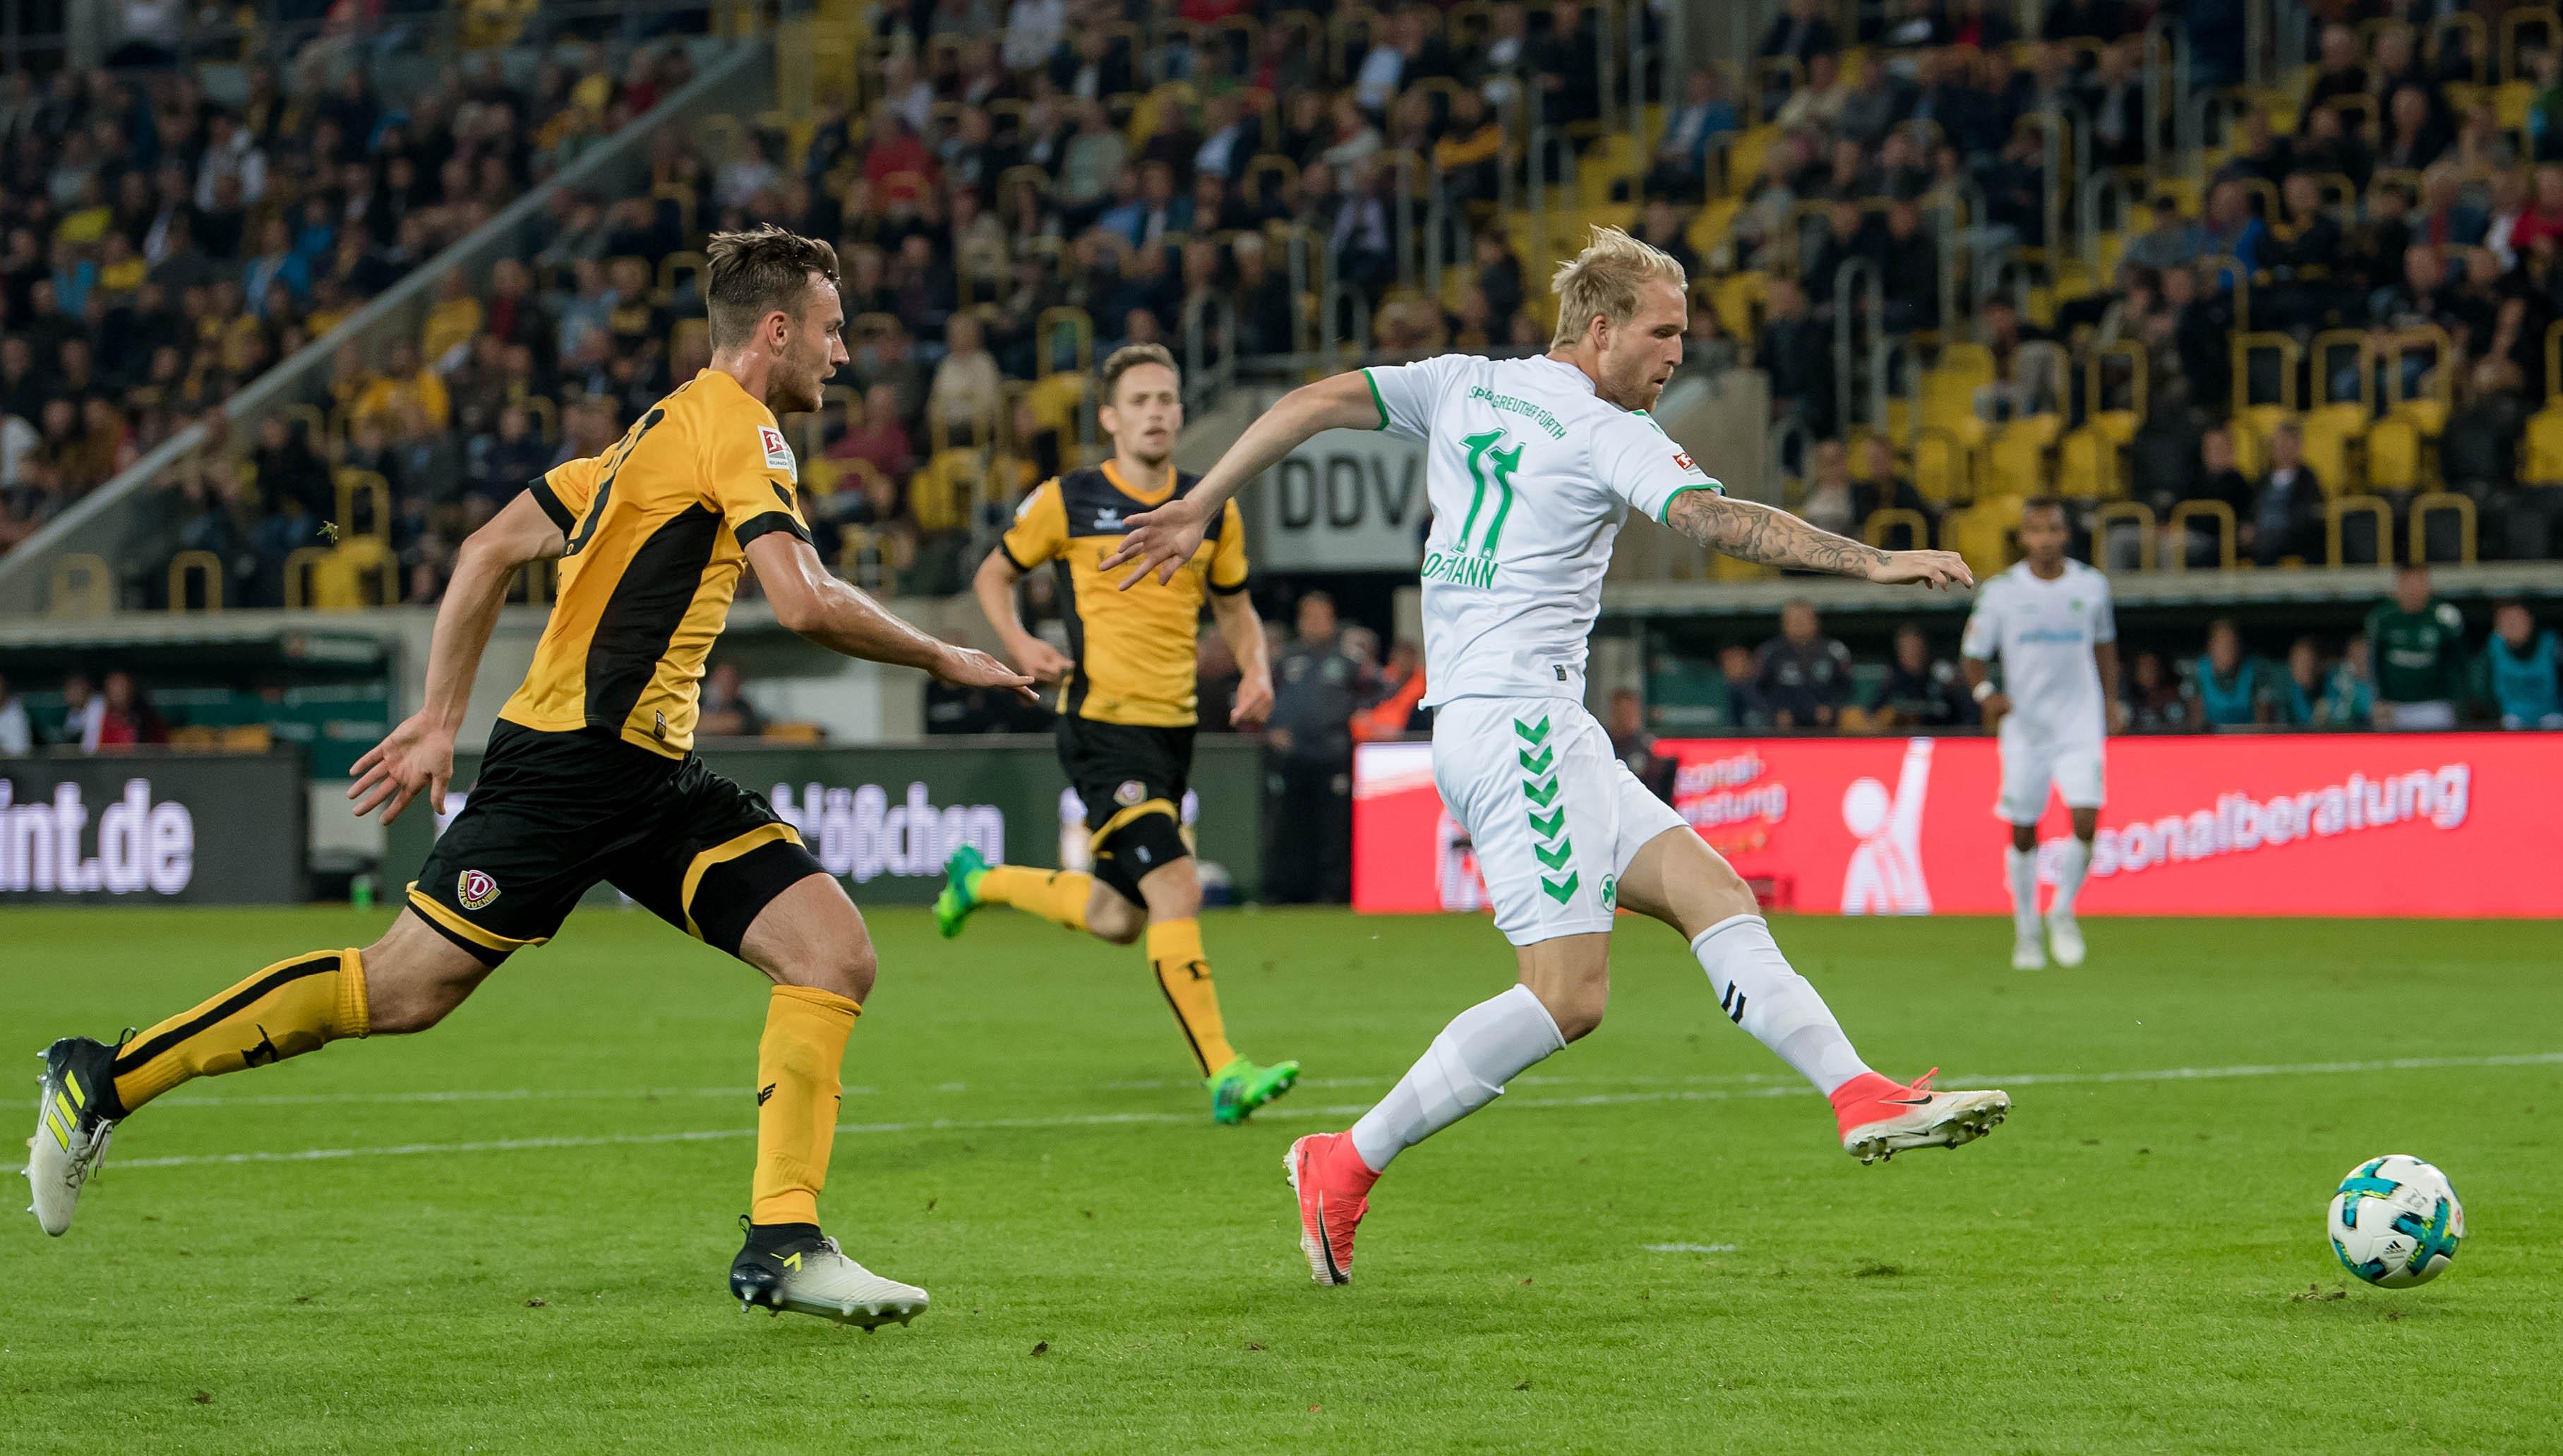 Greuther Fürth holt ersten Punkt: 1:1 in Dresden